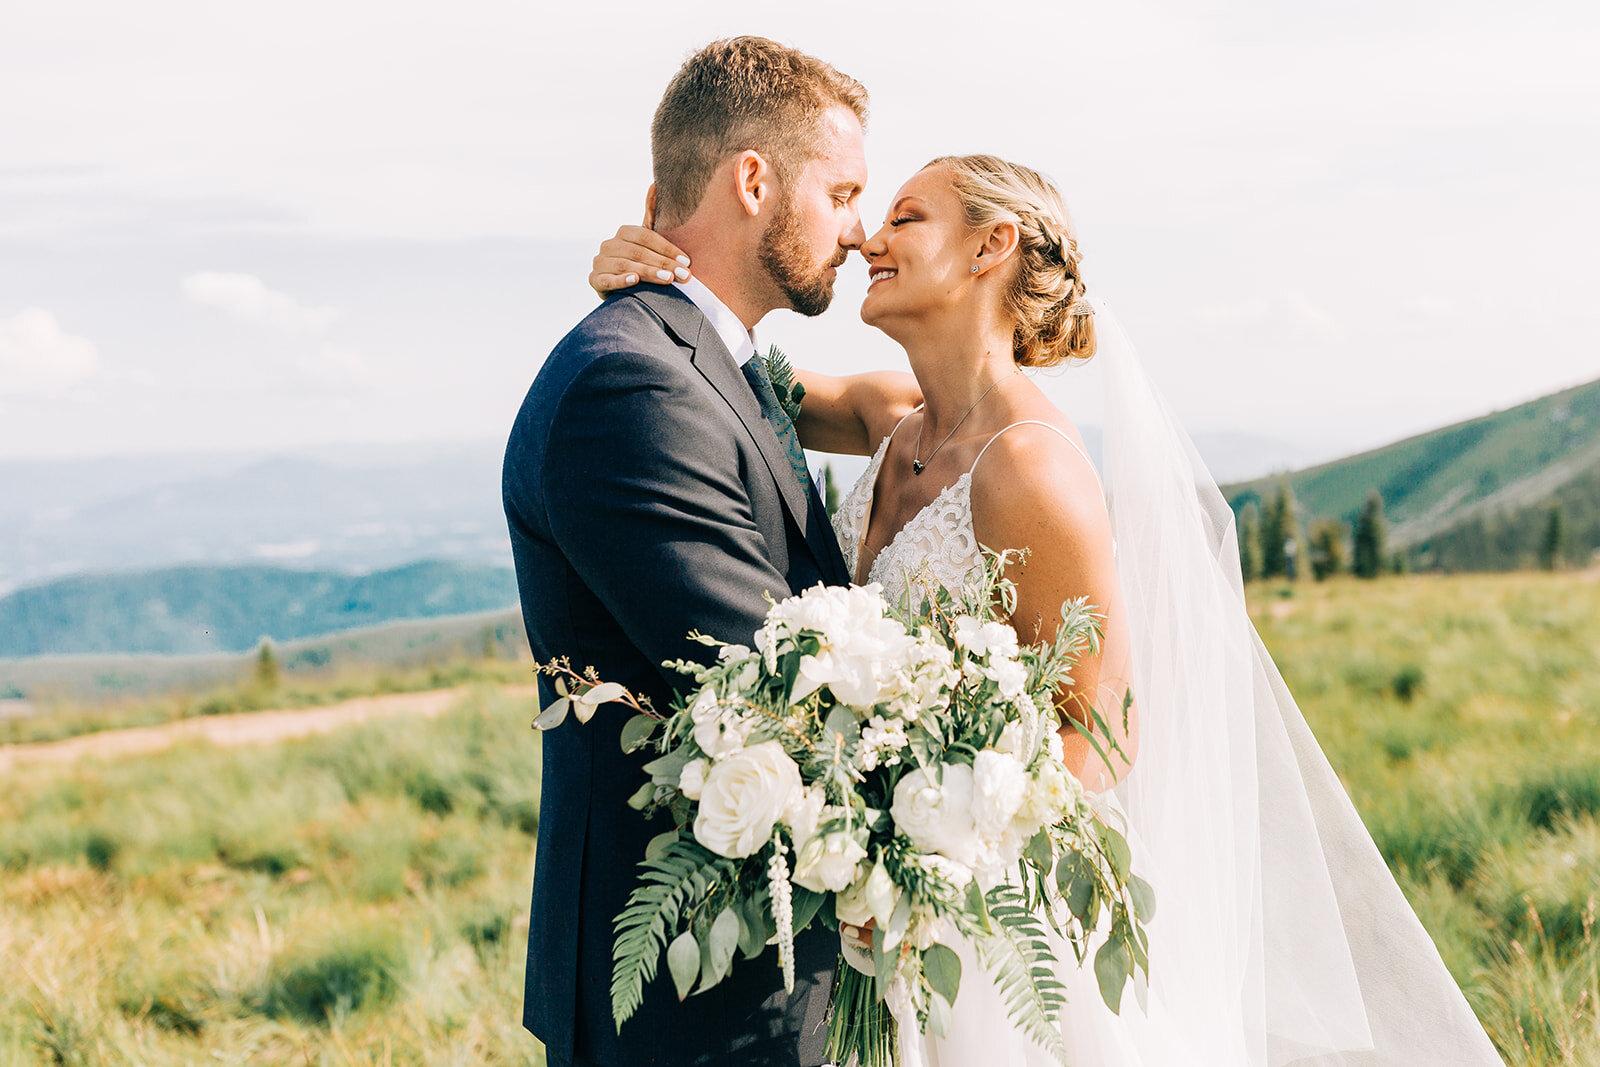 bride and groom portrait spokane mountaintop wedding